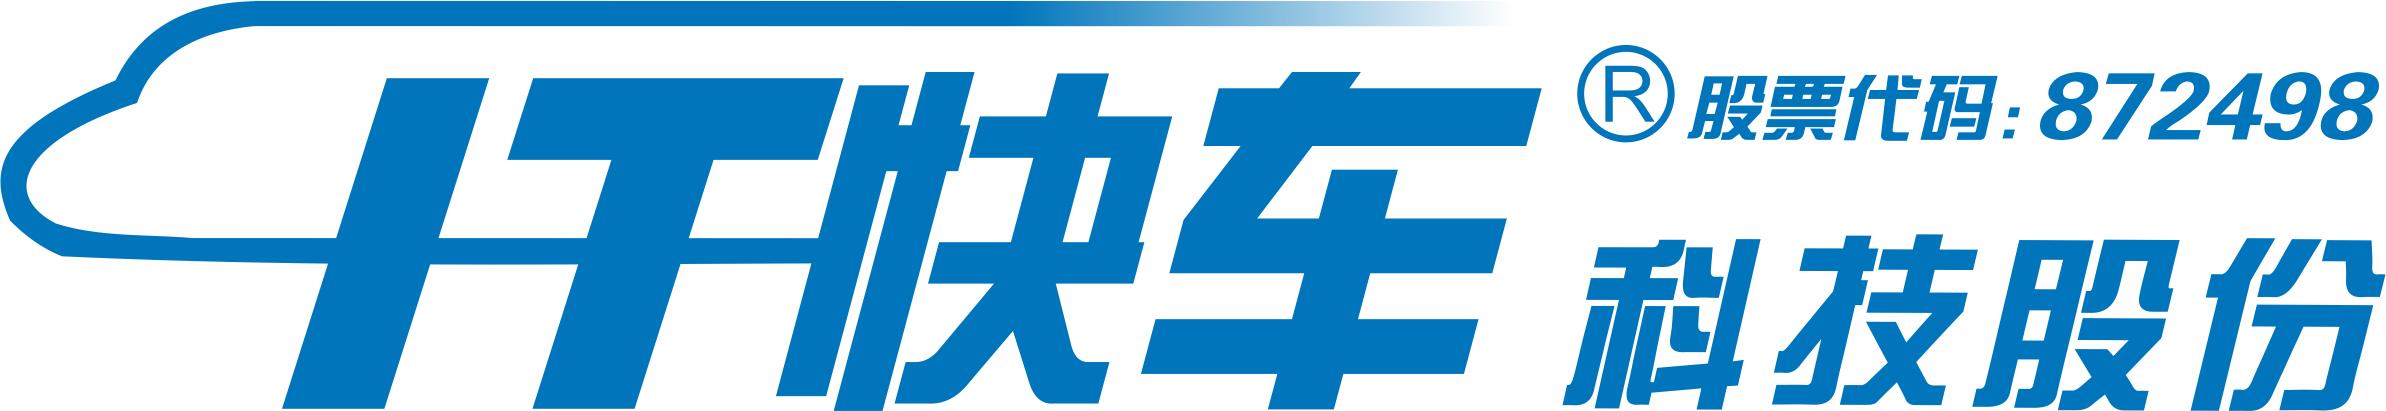 广东快车科技股份有限公司